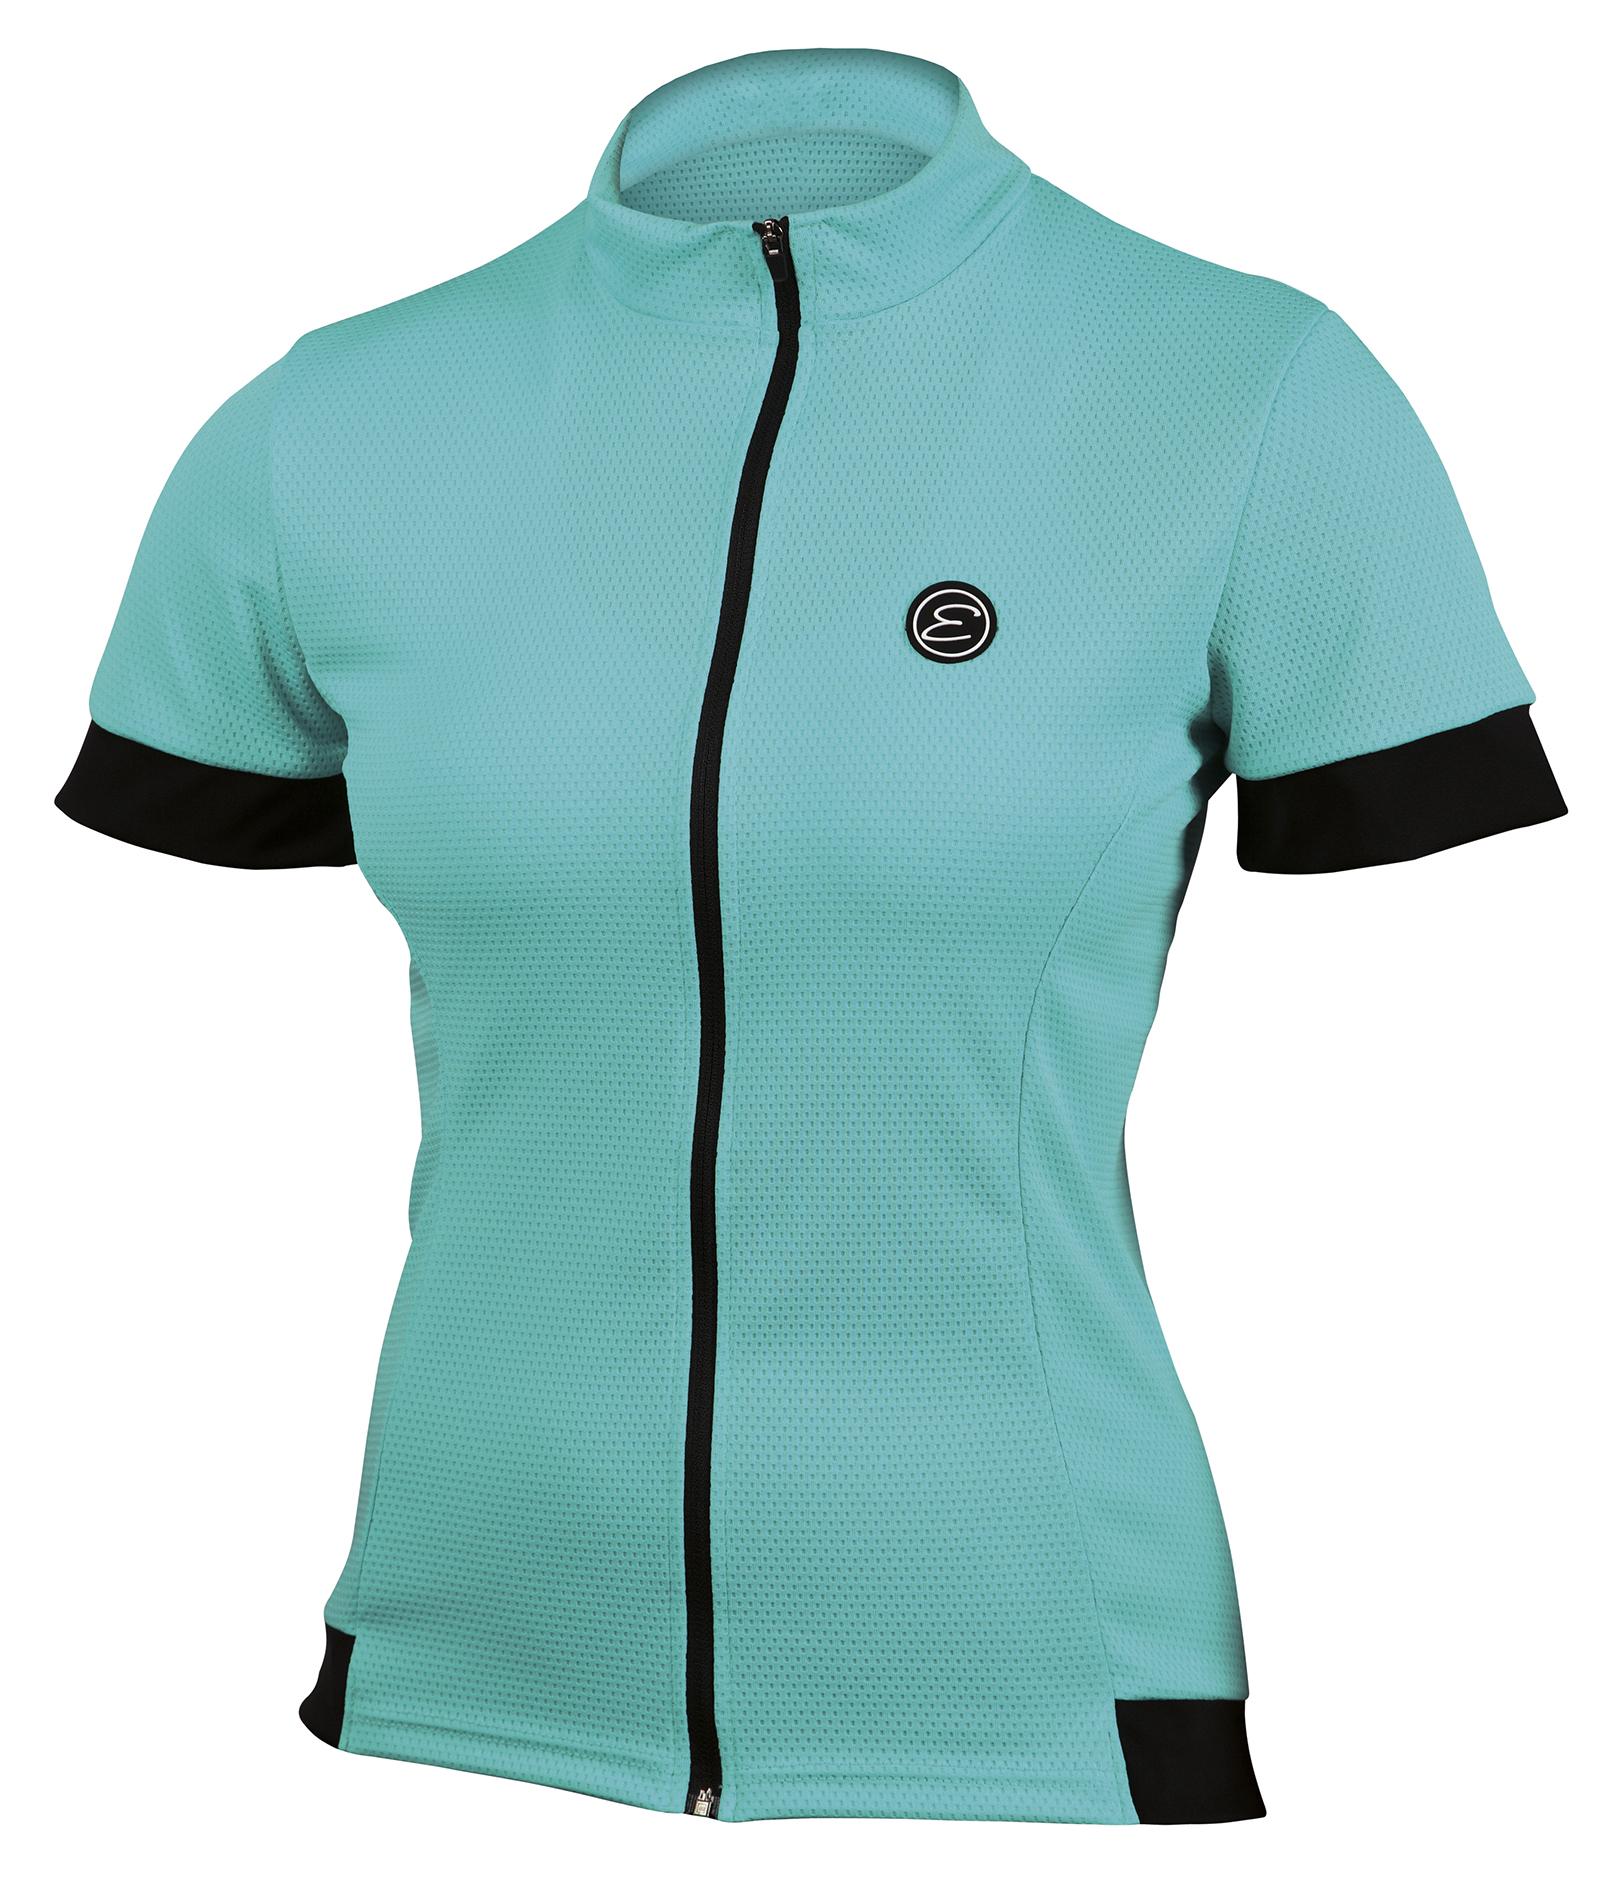 Dámský cyklistický dres ETAPE Donna, vel. L, aqua, model 2017 (Dámský dres Etape, dlouhý přední zip)